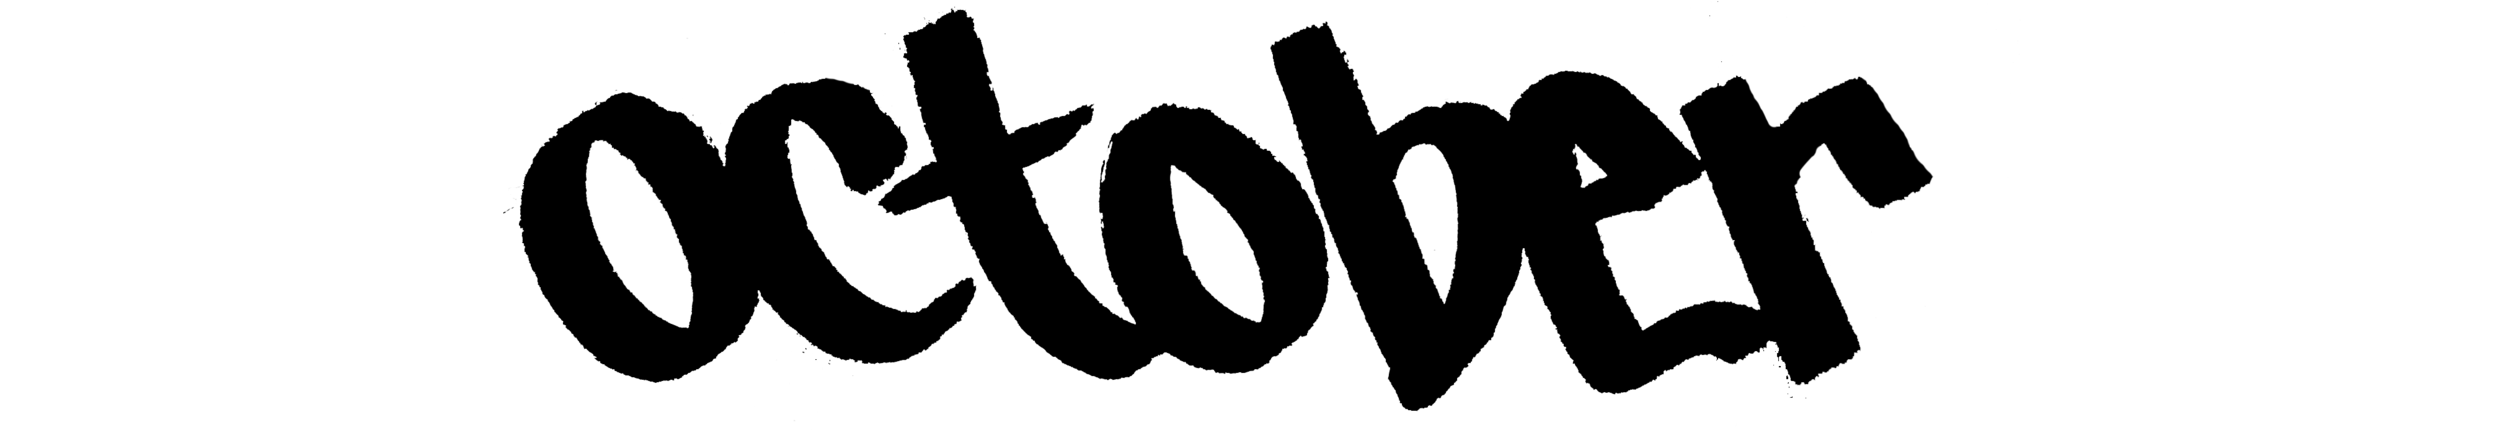 oct.jpg